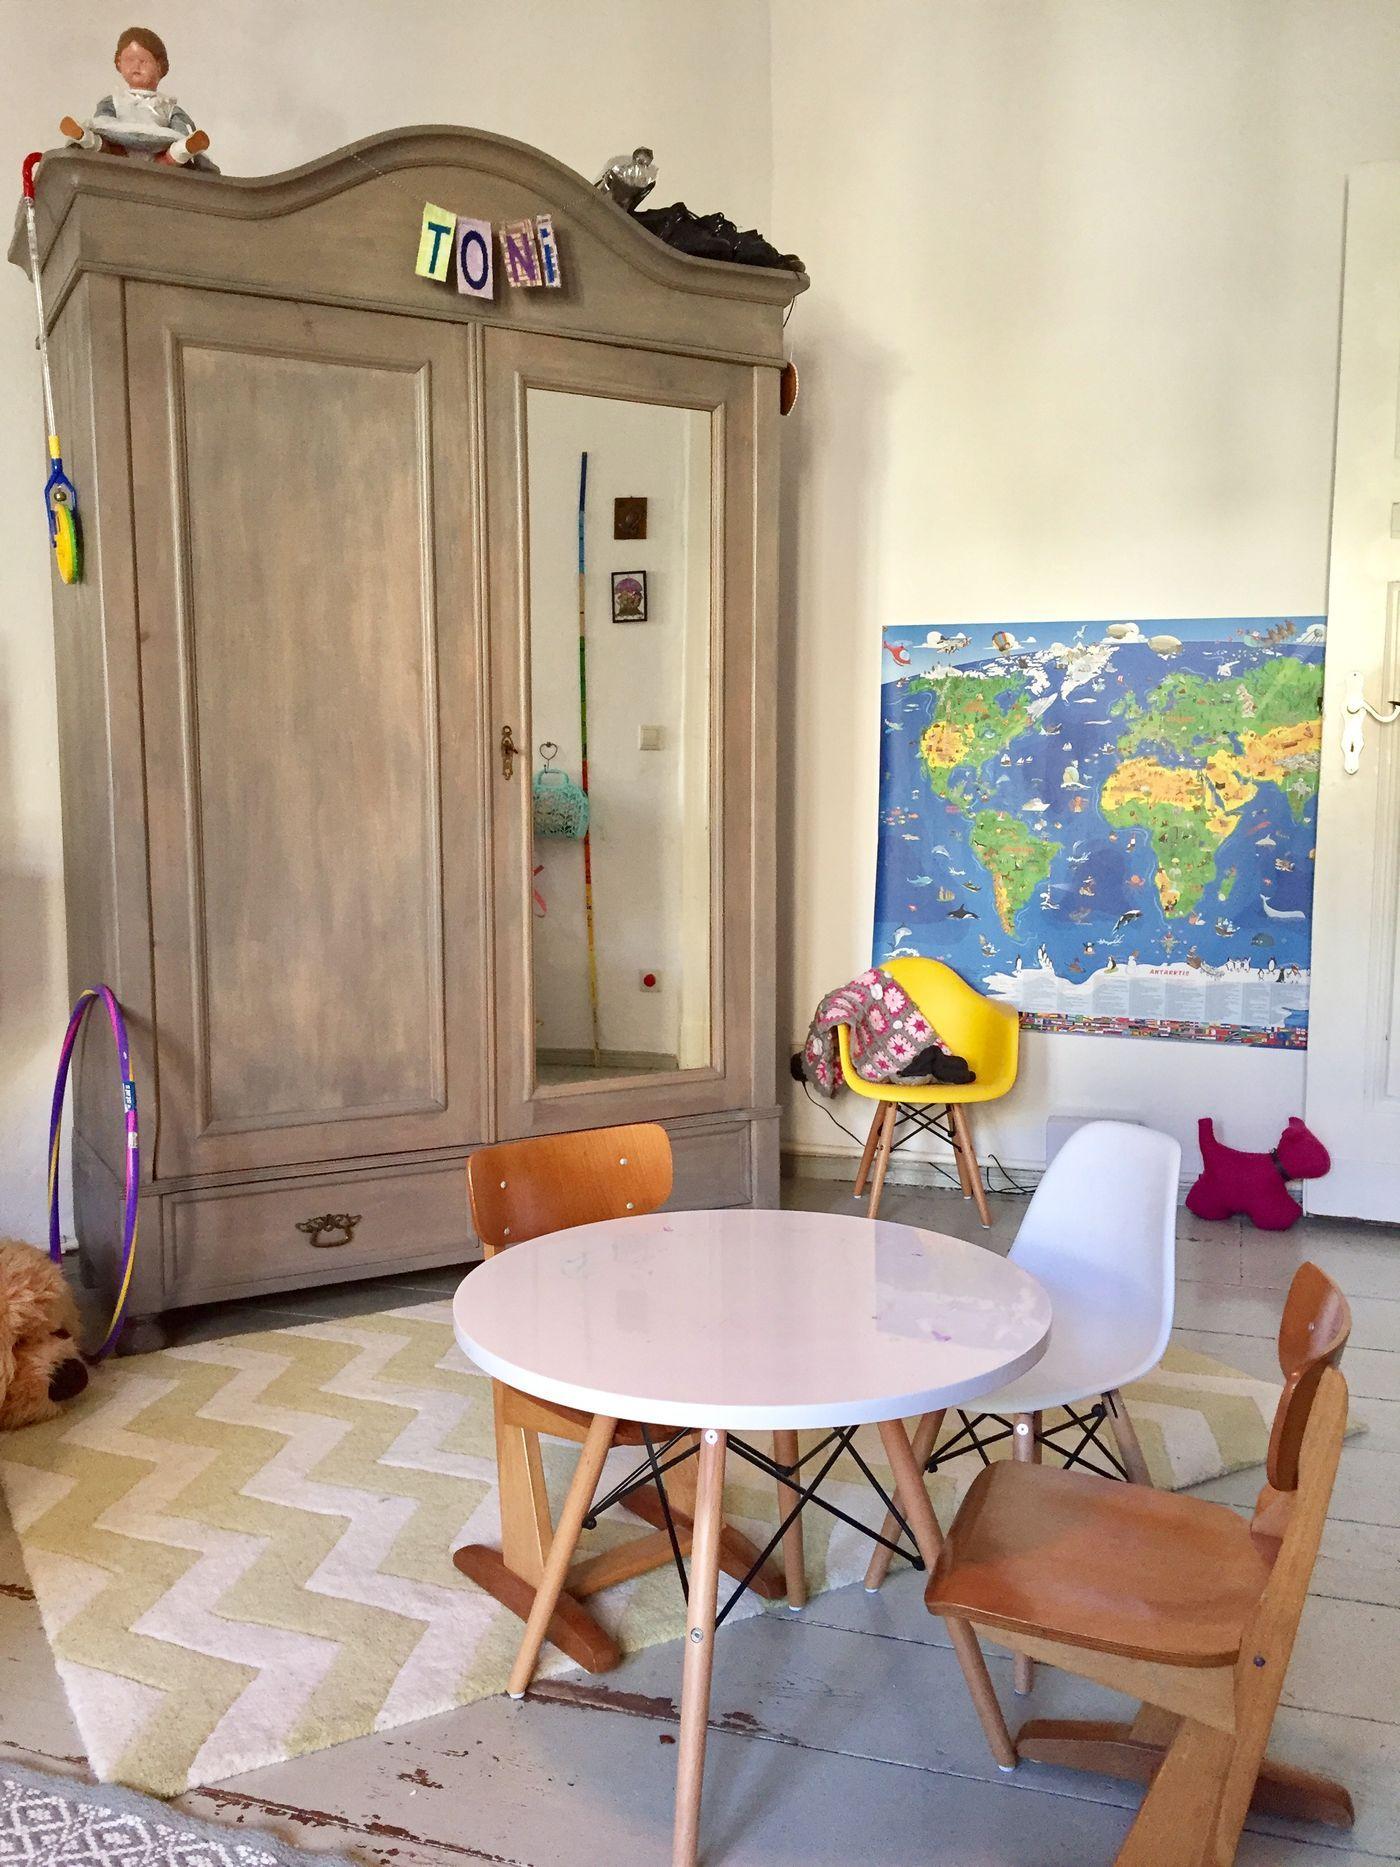 Das Schönste Kinderzimmer Der Welt   Die Schonsten Ideen Fur Dein Kinderzimmer Seite 114